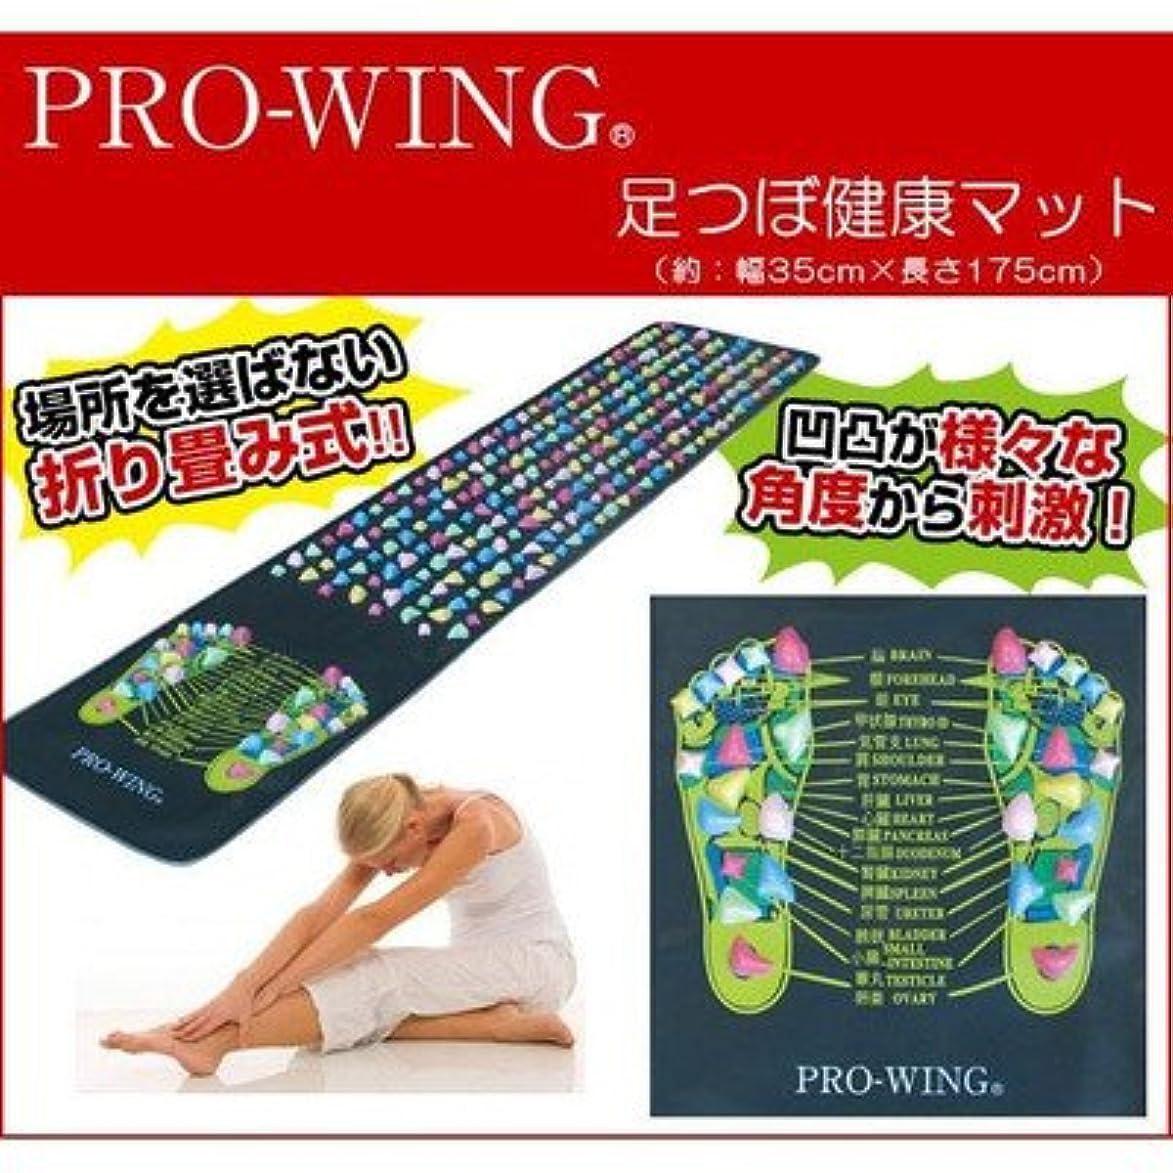 会社暴君スリチンモイカラフルで可愛らしい凹凸が様々な角度から刺激 PRO-WING プロウィング 足つぼ健康マット PWF-1001